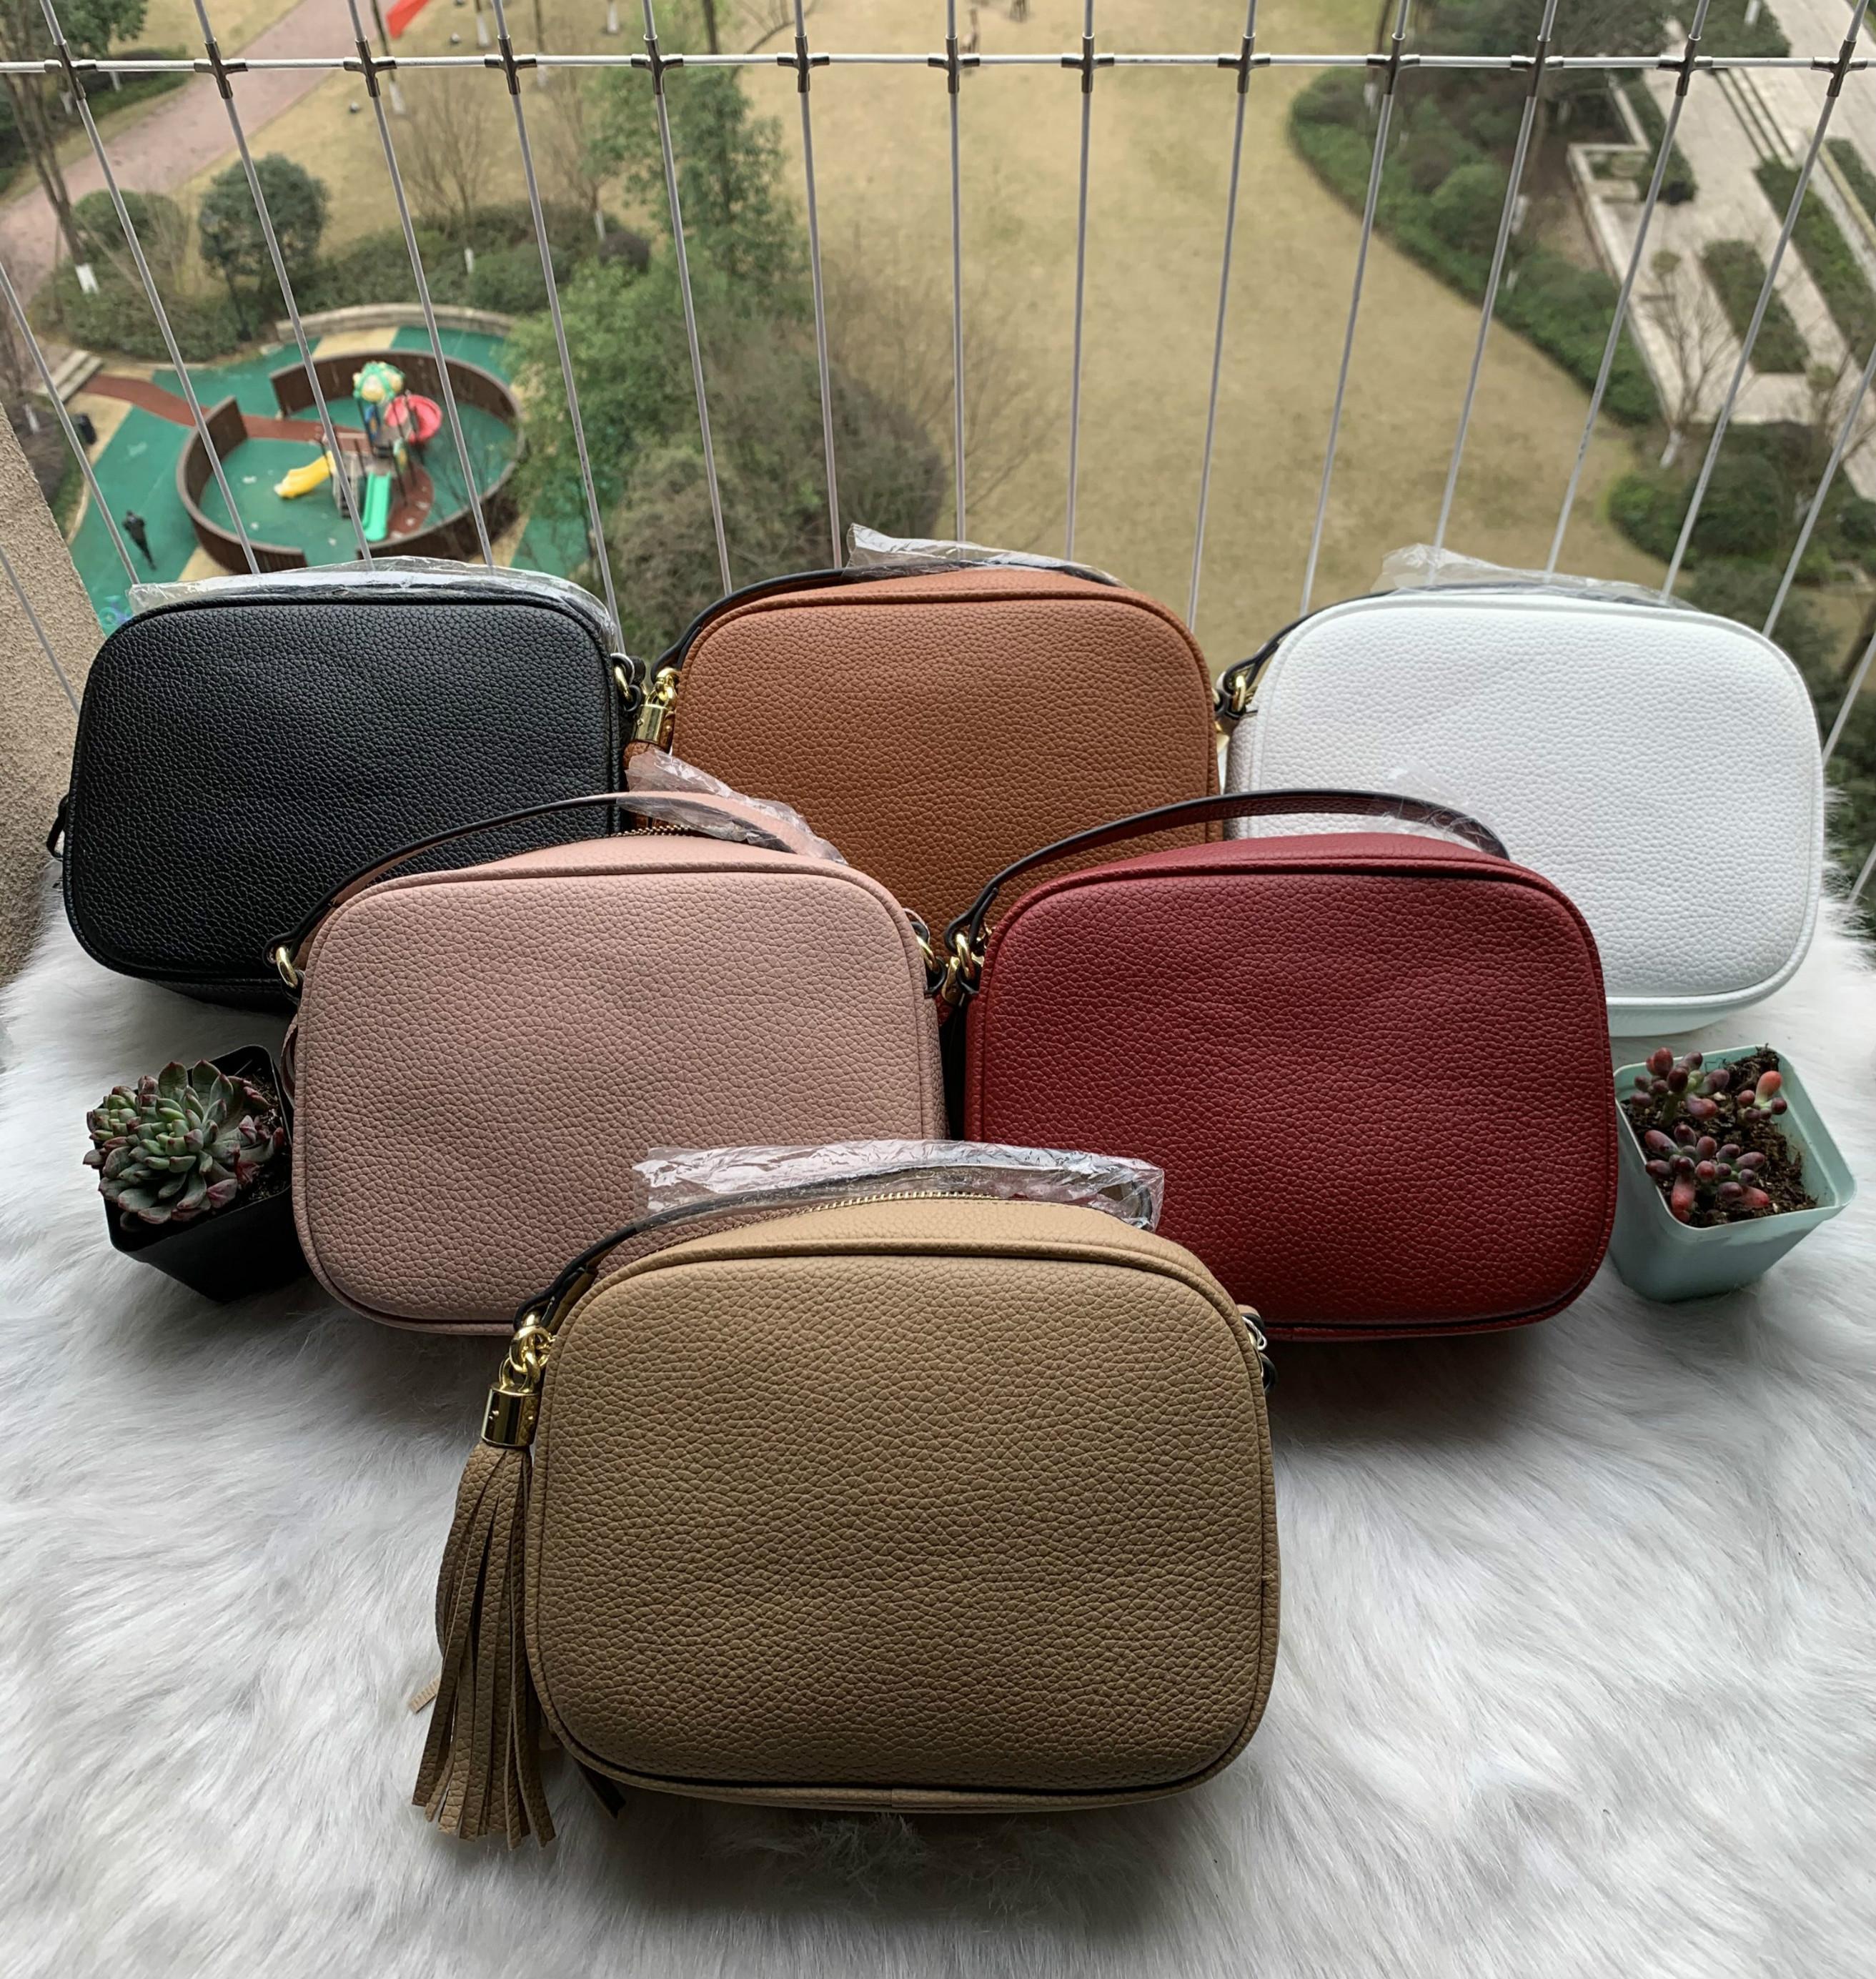 Новый стиль высокого качества женских мод для женщин дизайнера Кожи кисточкой Soho сумки диско плечо сумки кошелек сумку с мешком для сбора пыли